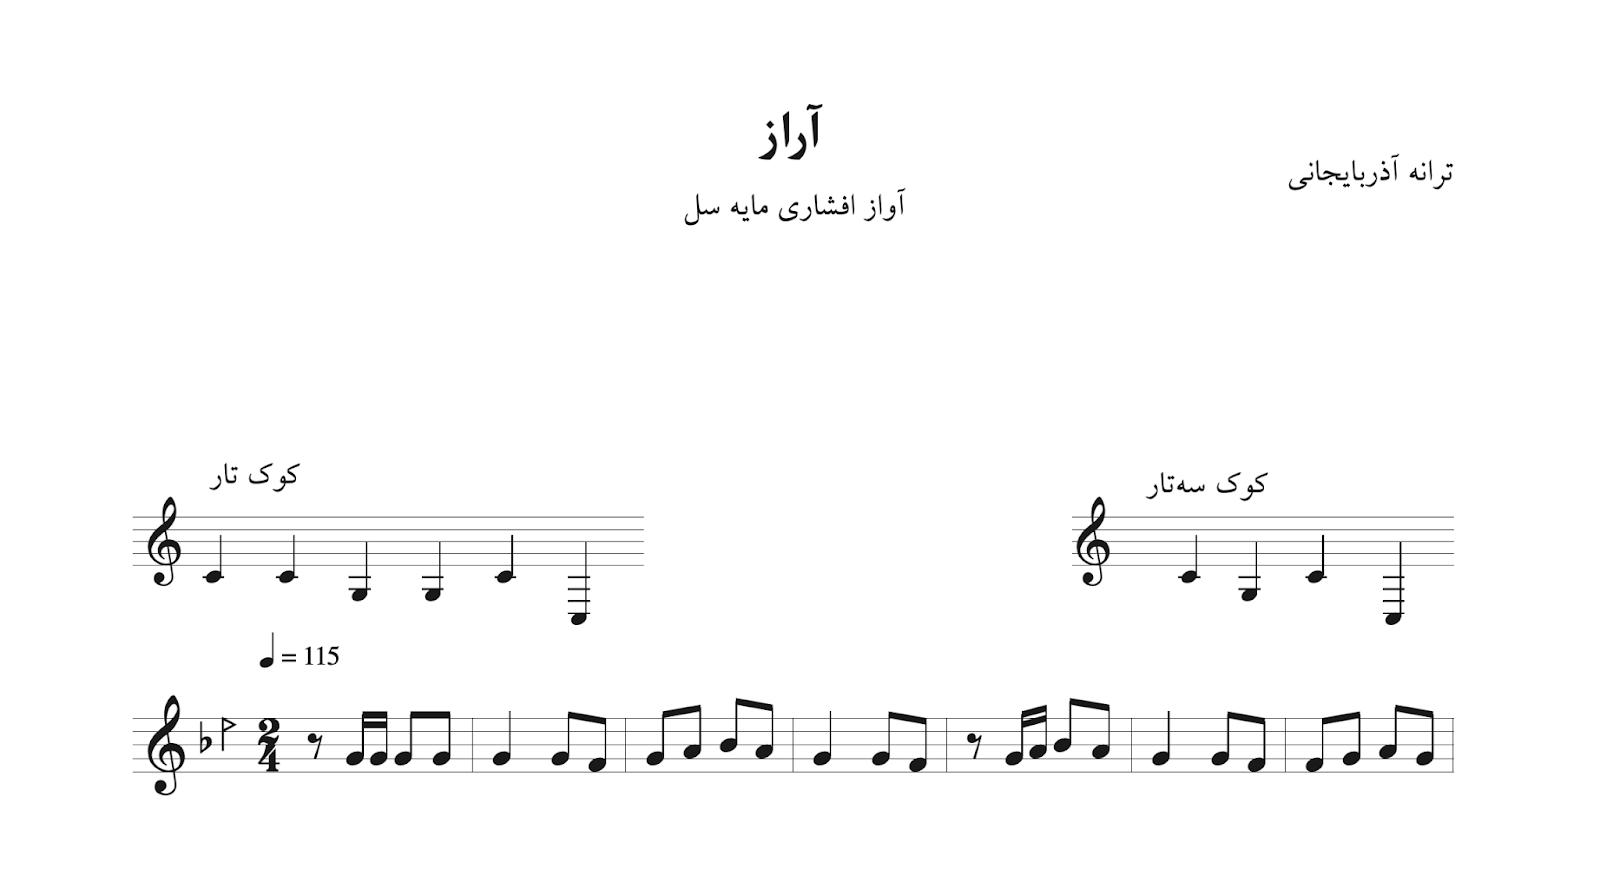 نت آراز ترانه آذربایجانی